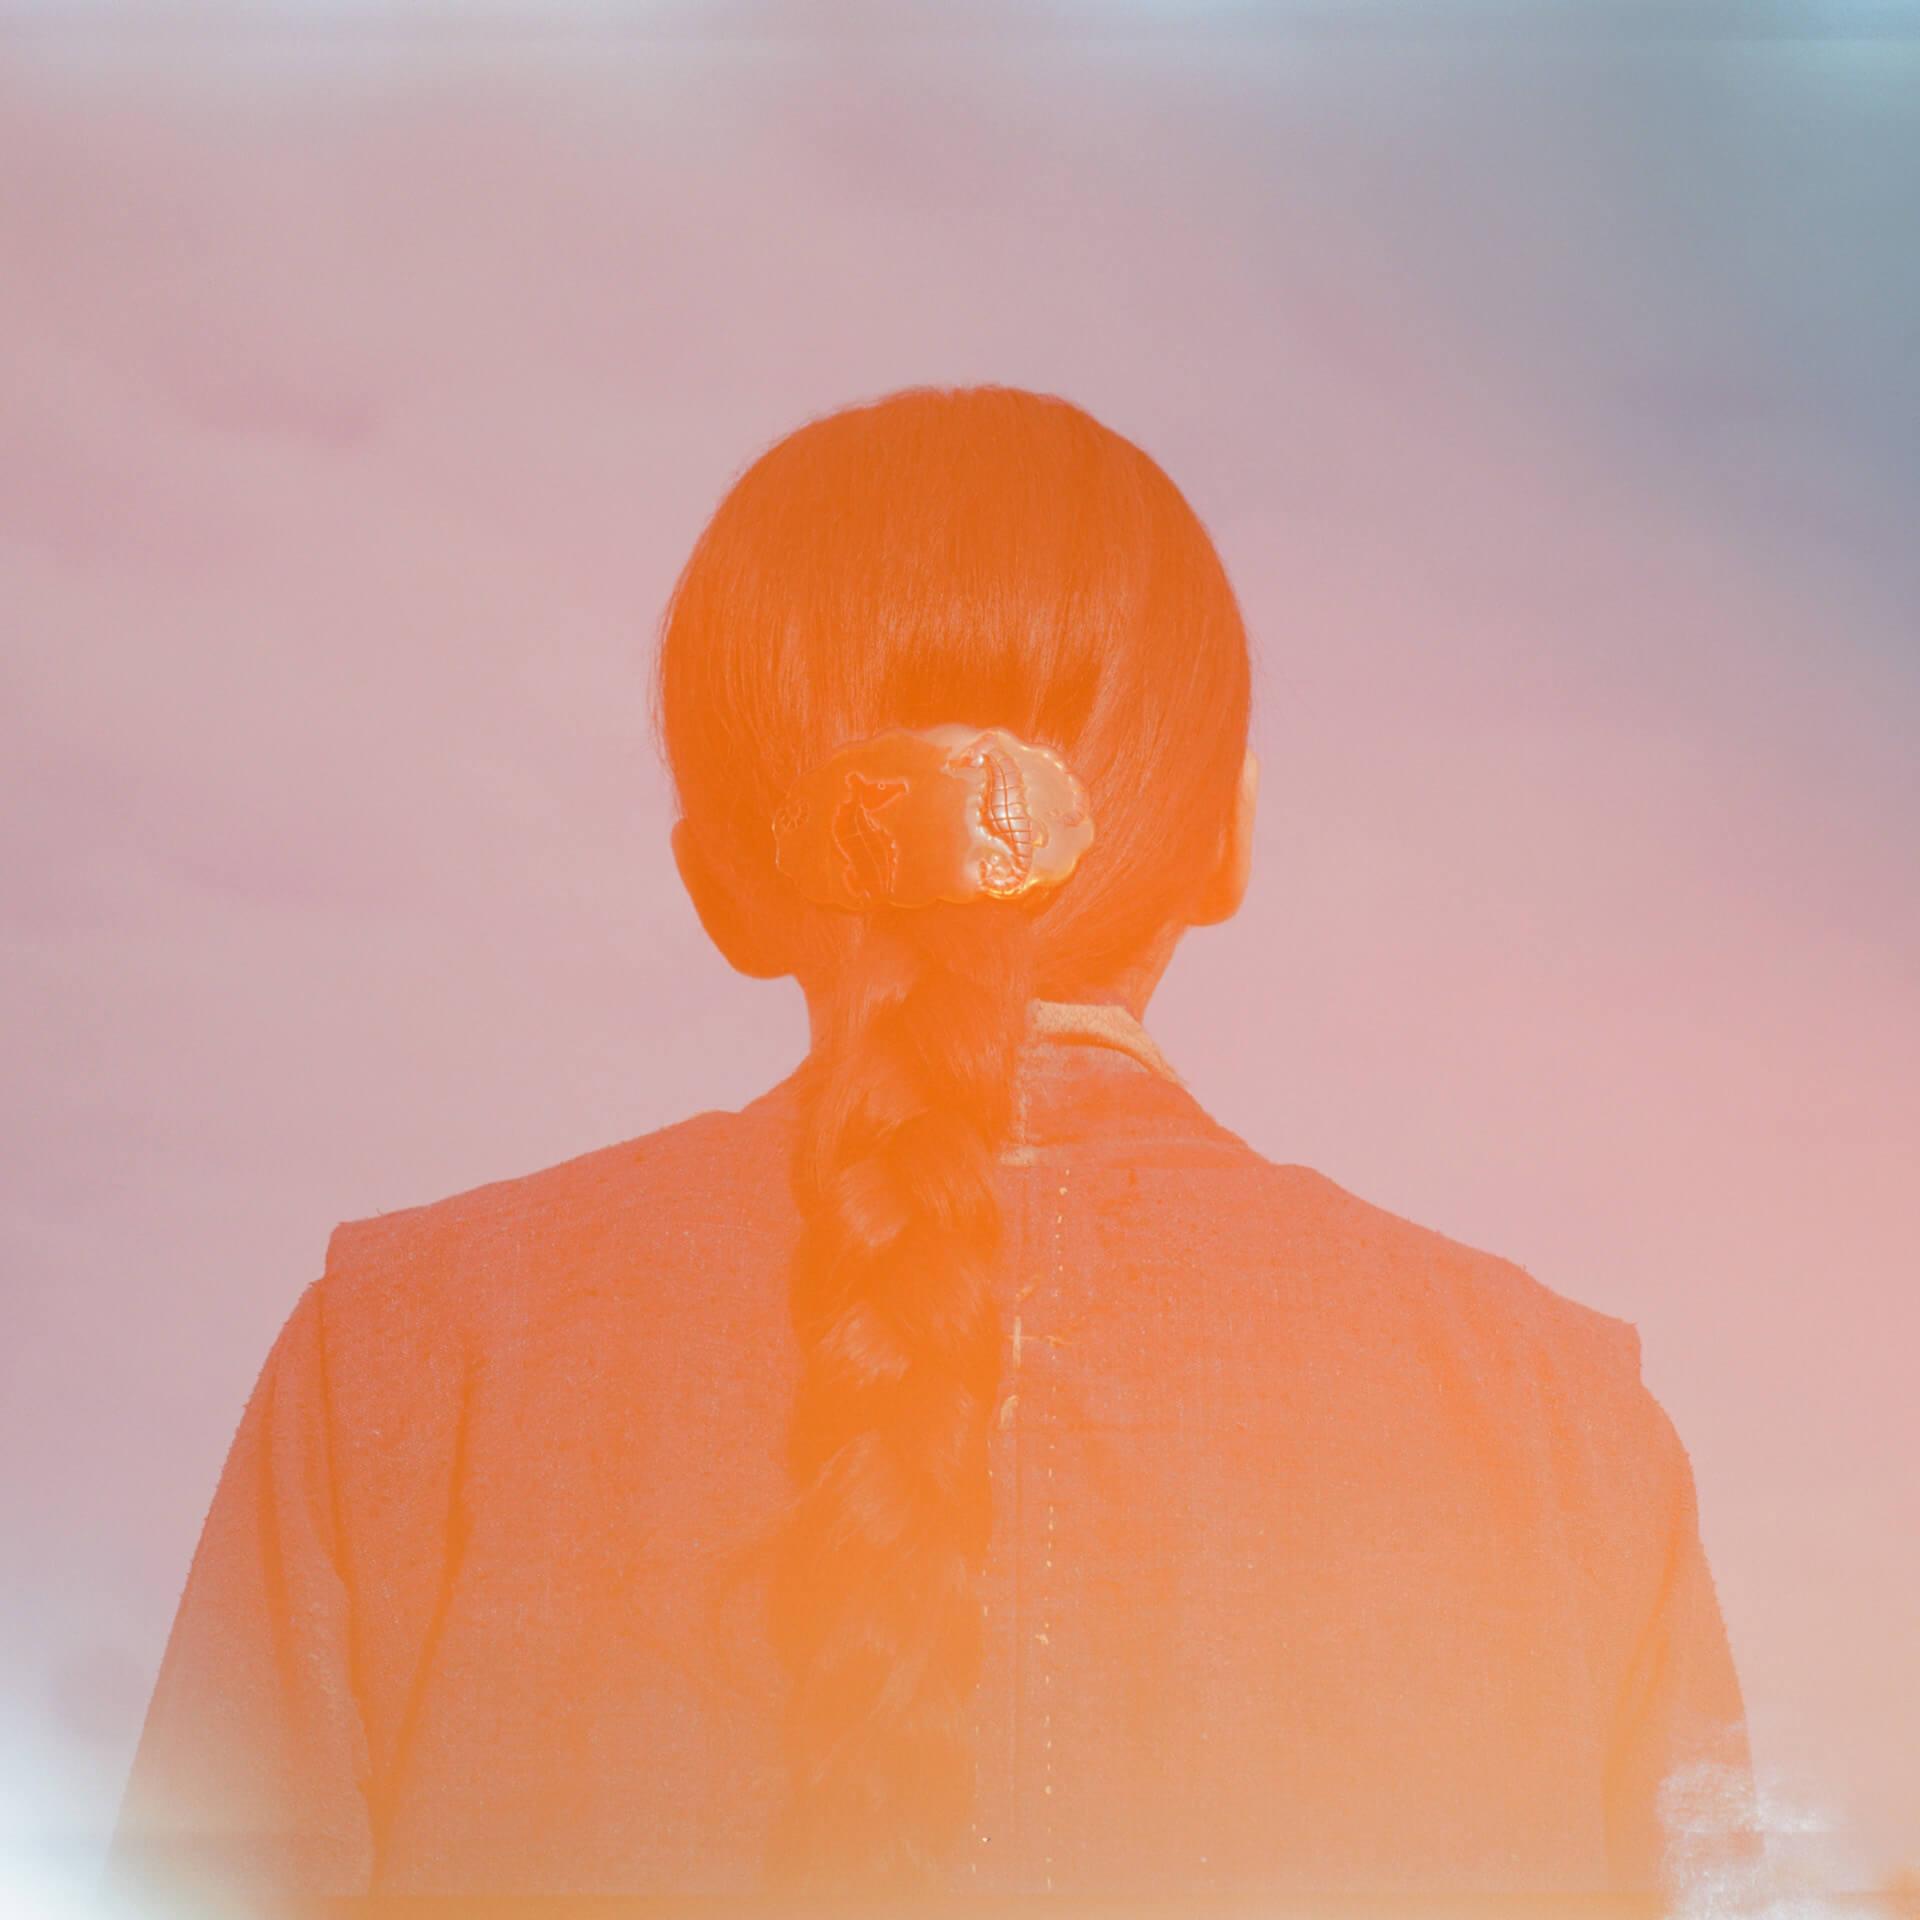 青葉市子のニューアルバム『アダンの風』収録3曲の弾き語りセルフカバーをパッケージしたシングル『Windswept Adan roots』が配信リリース! music210616_aobaichiko_3